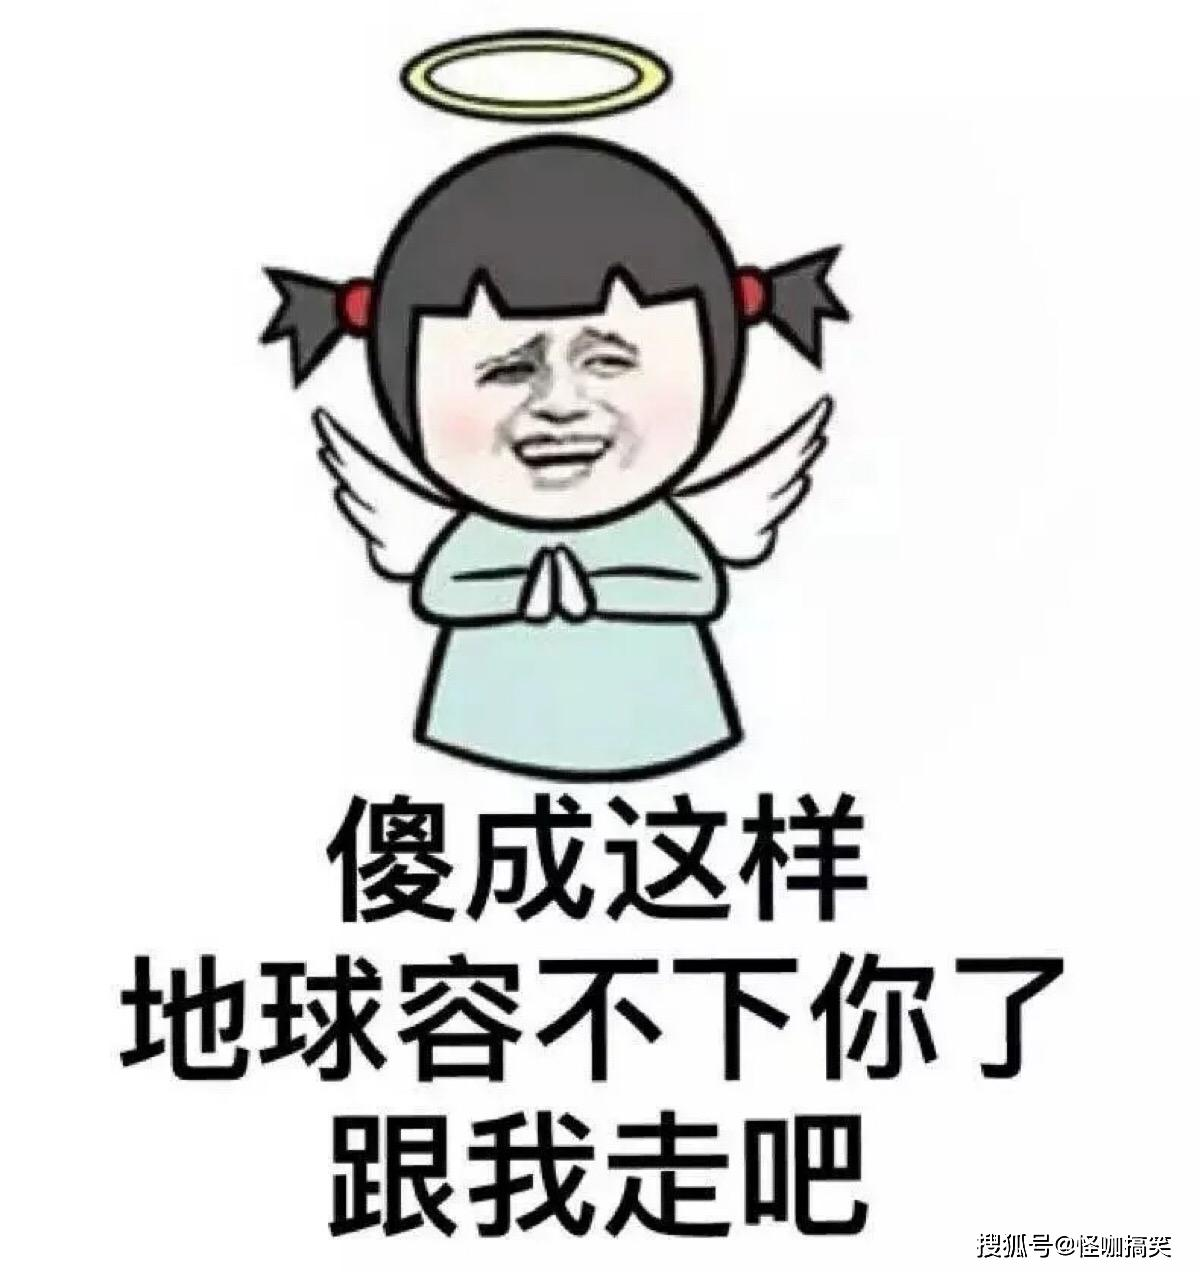 幽默笑话:我有个朋友姓敖名武 每次去他家楼下叫他,都感觉自己好奇怪